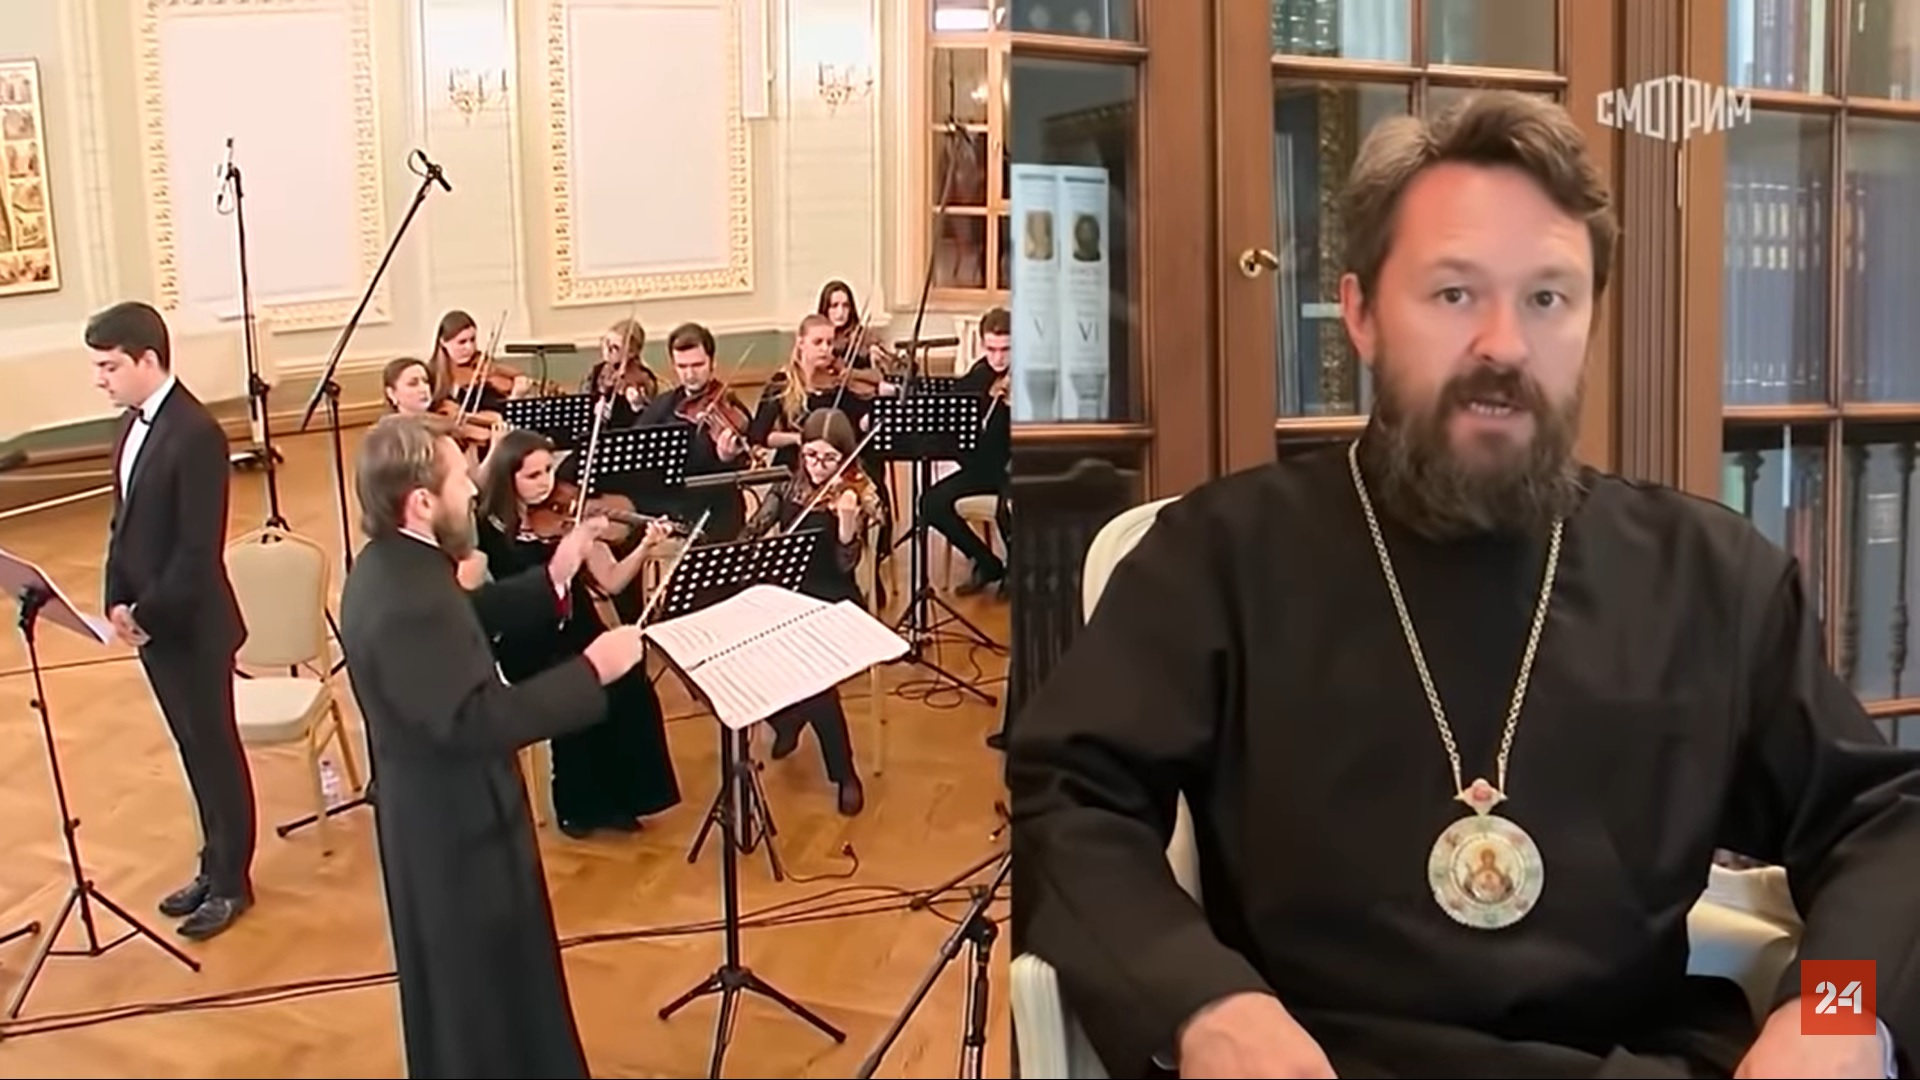 Митрополит Иларион - о книгах, музыке и Государственной премии